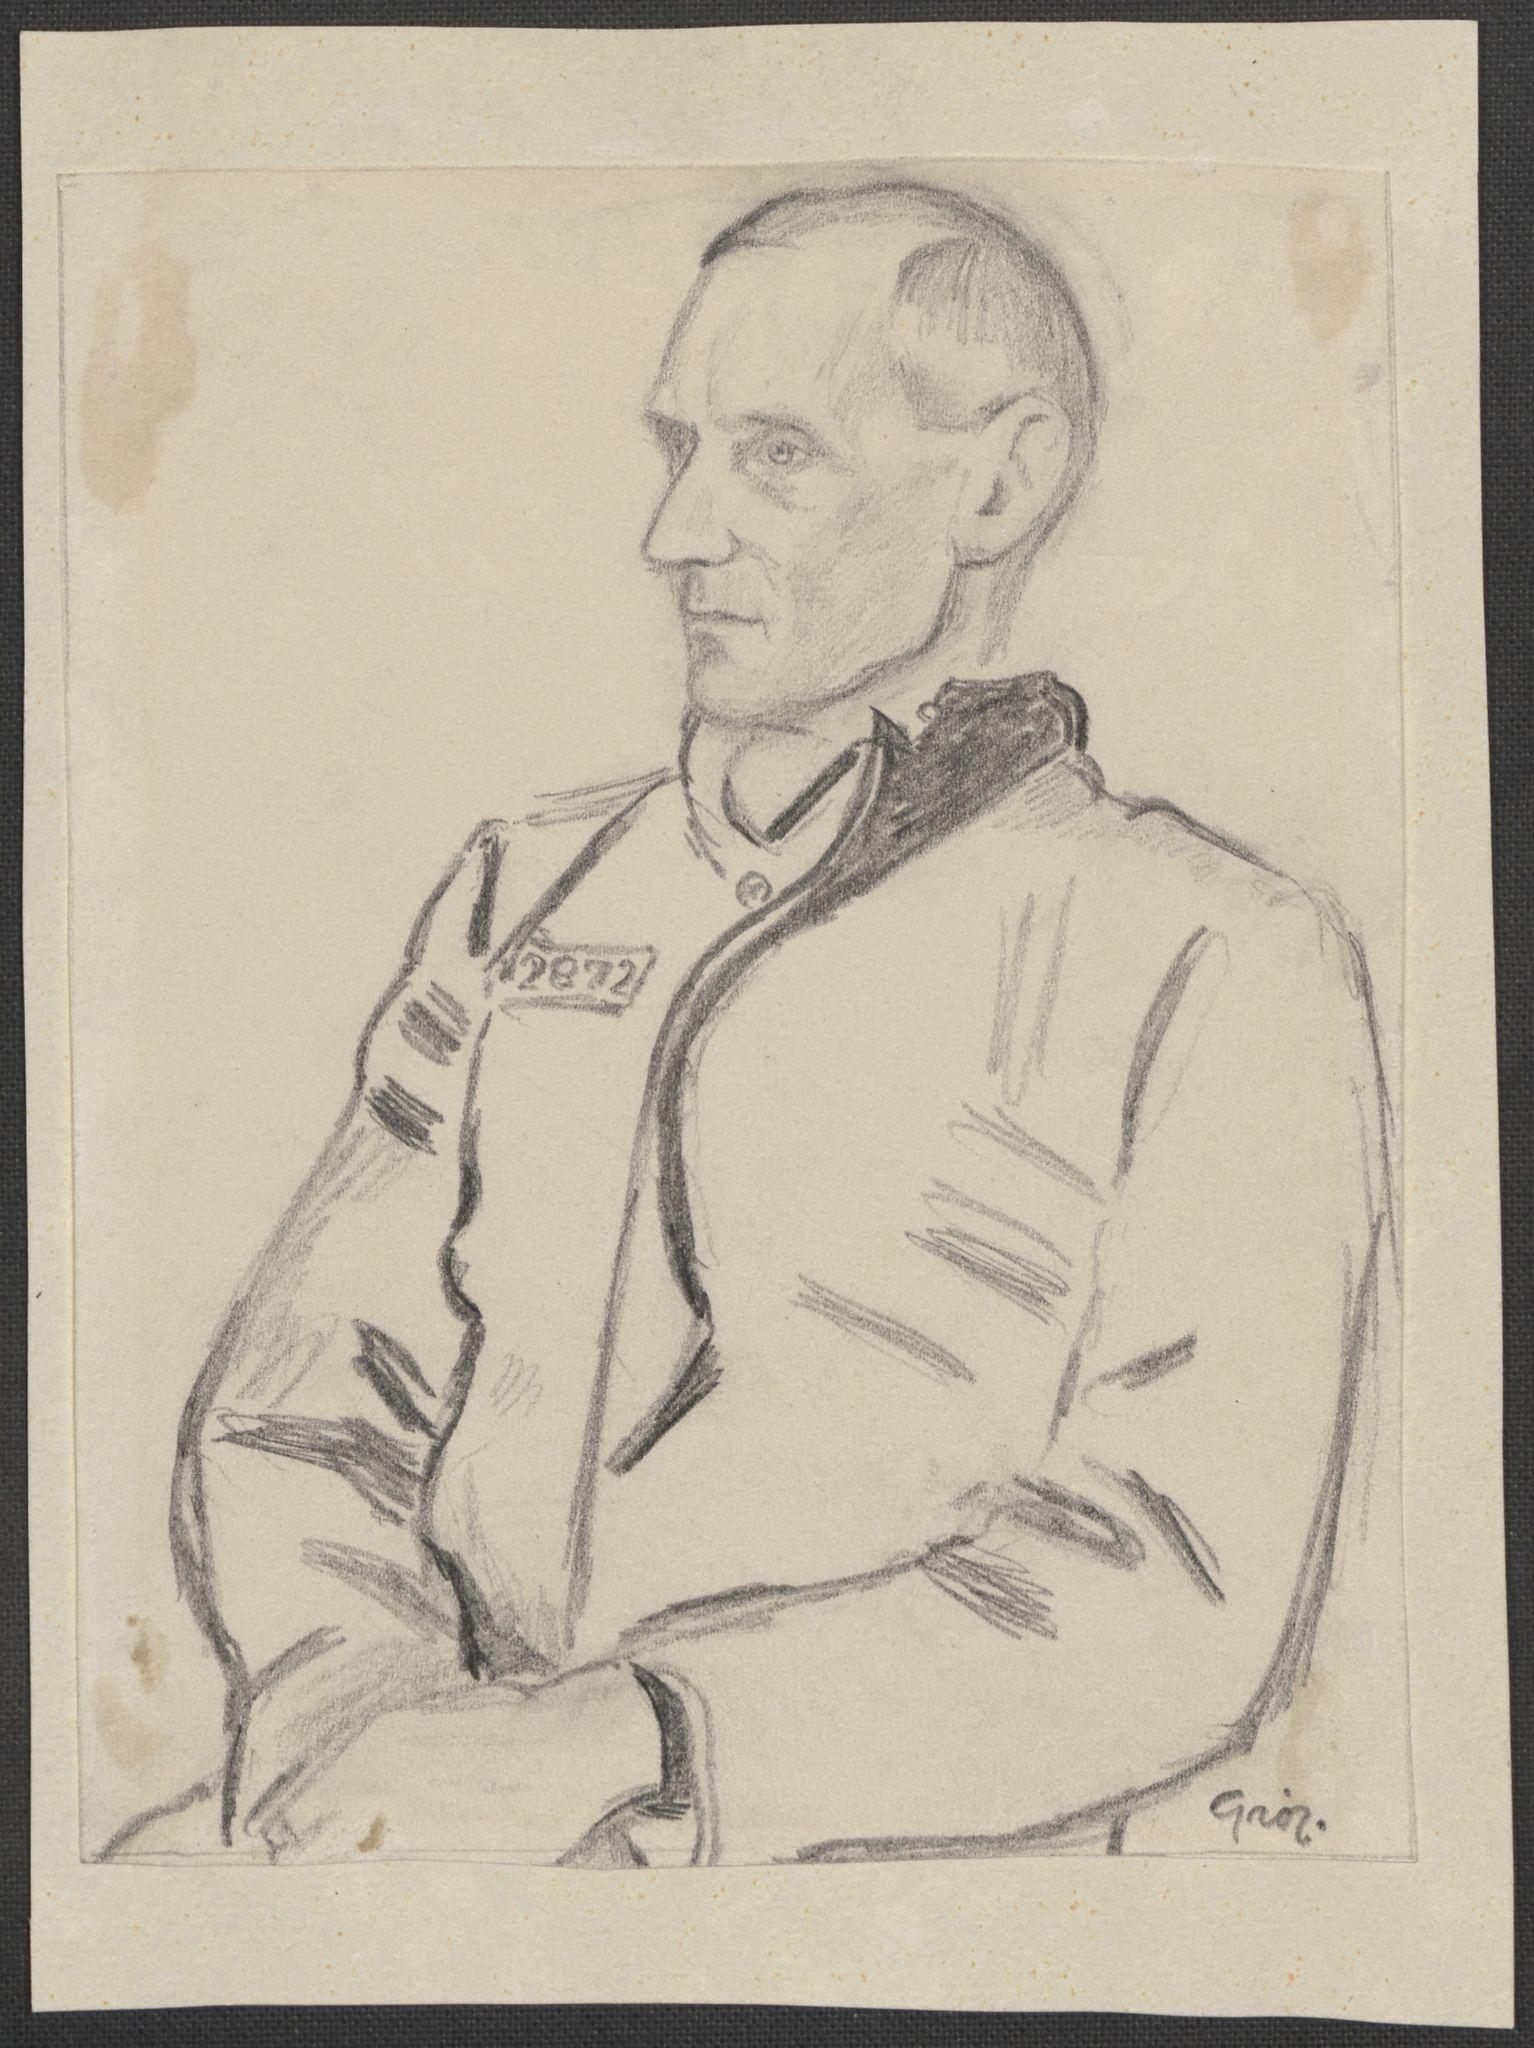 RA, Grøgaard, Joachim, F/L0002: Tegninger og tekster, 1942-1945, s. 118